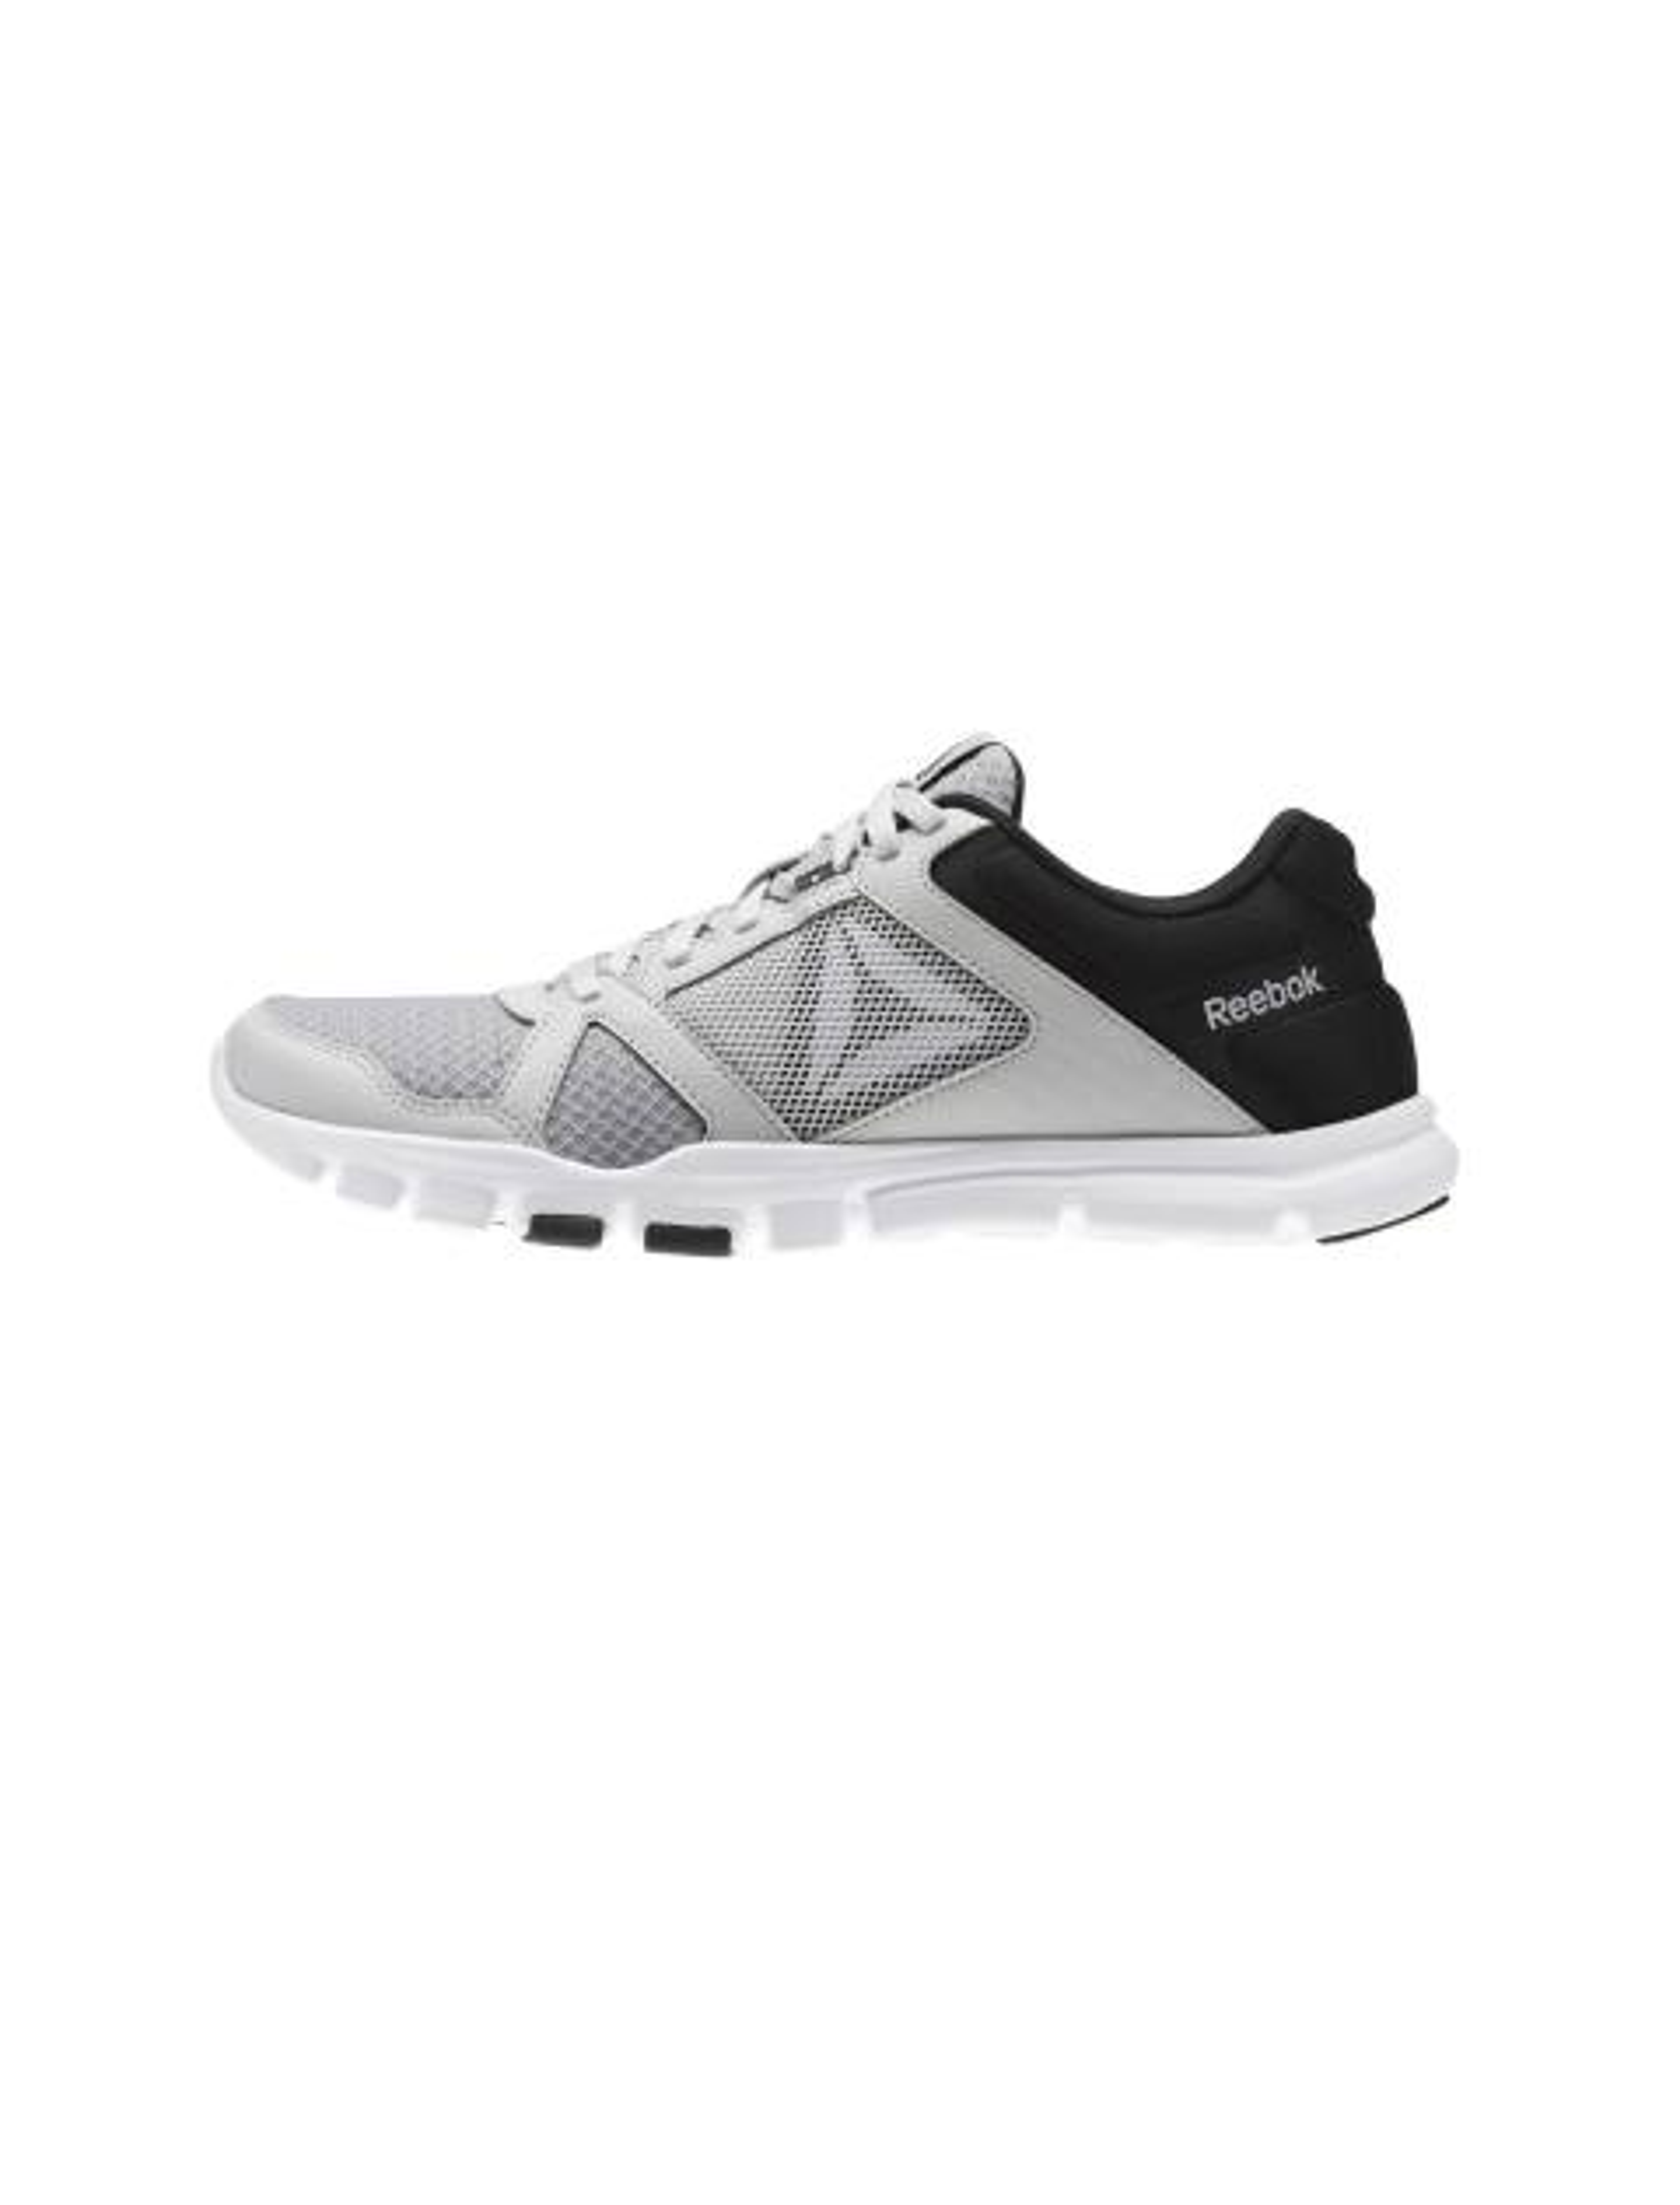 کفش تمرین بندی مردانه Yourflex Train 10 MT - طوسي و مشکي  - 6